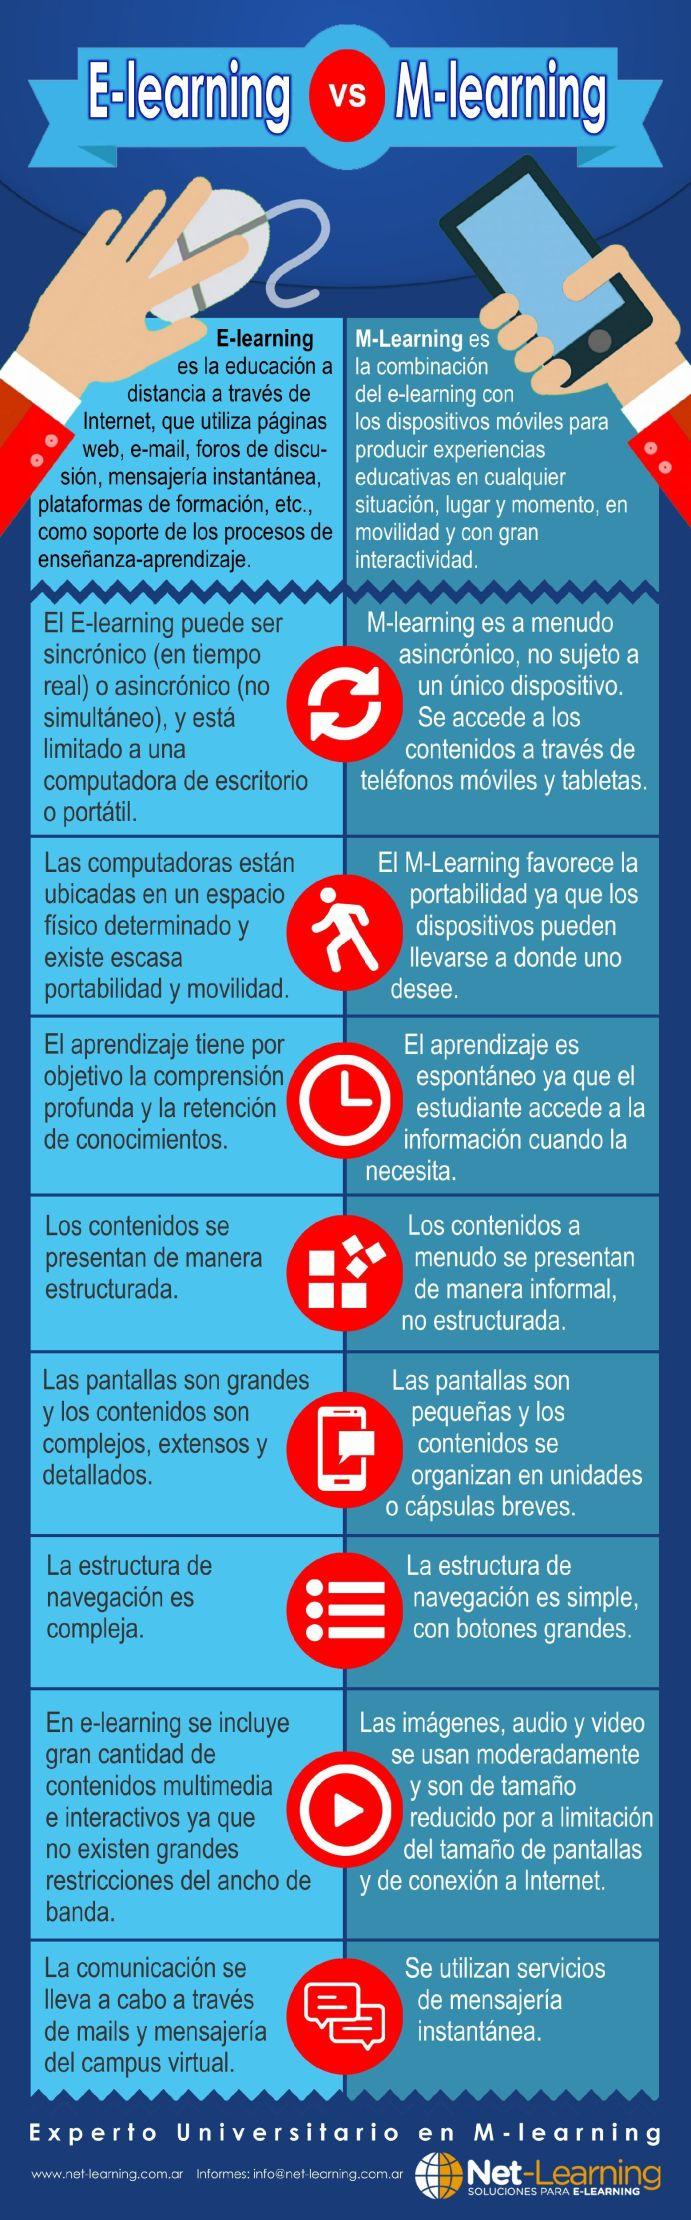 18DiferenciaseLearningmLearning-Infografía-BlogGesvin